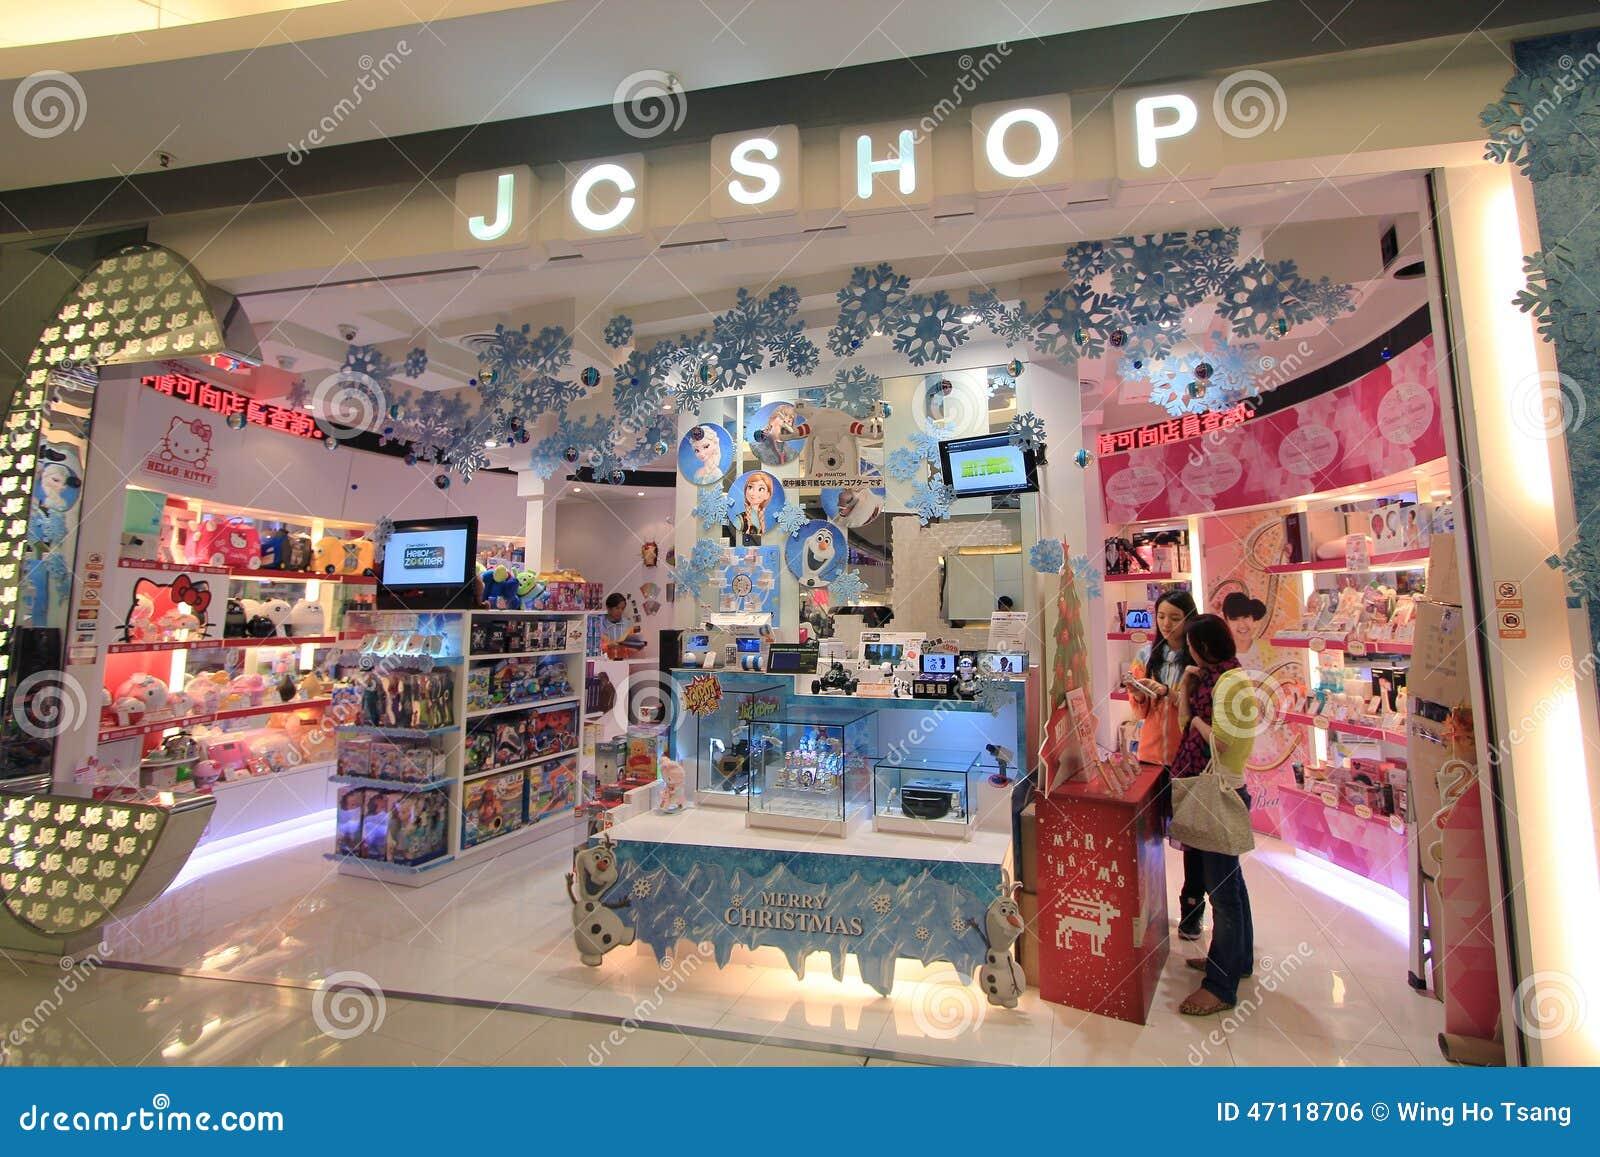 Shops Hk Kong Toys Sex Hong Heading